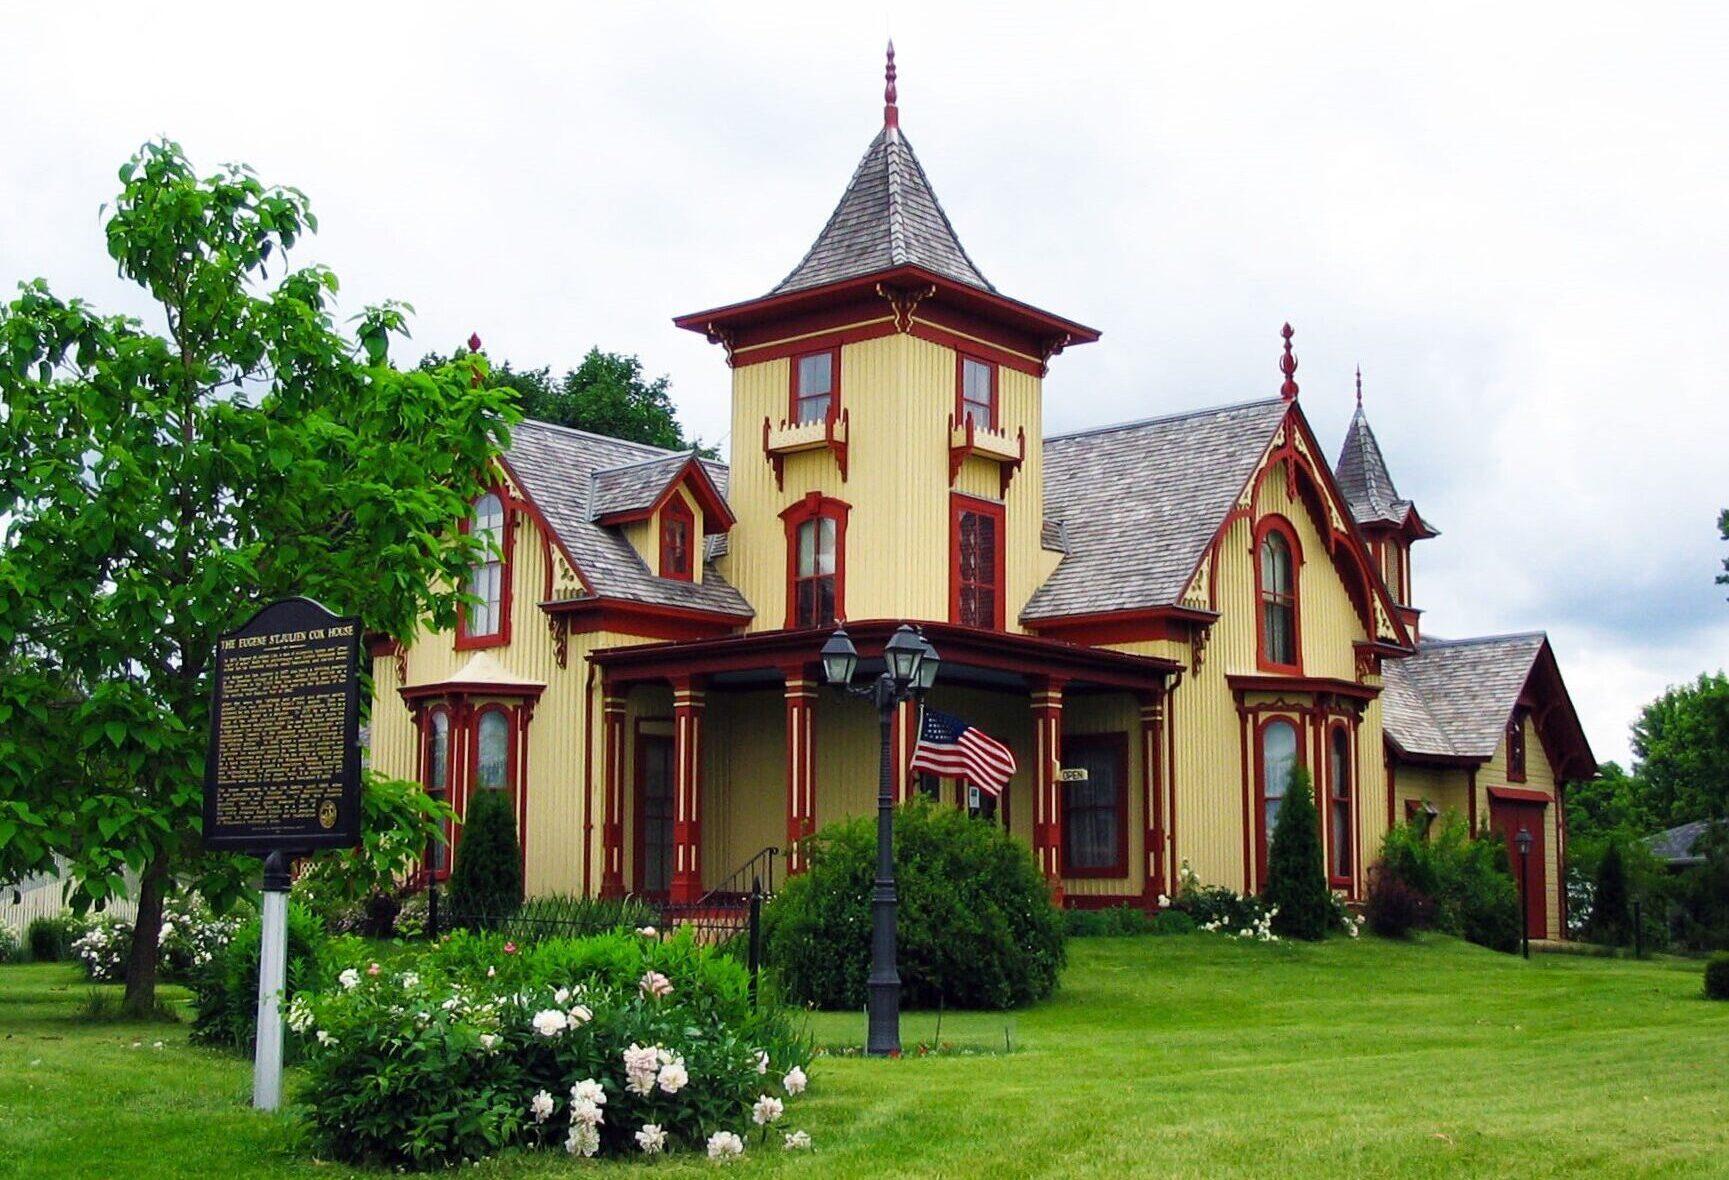 E. St. Julien Cox House